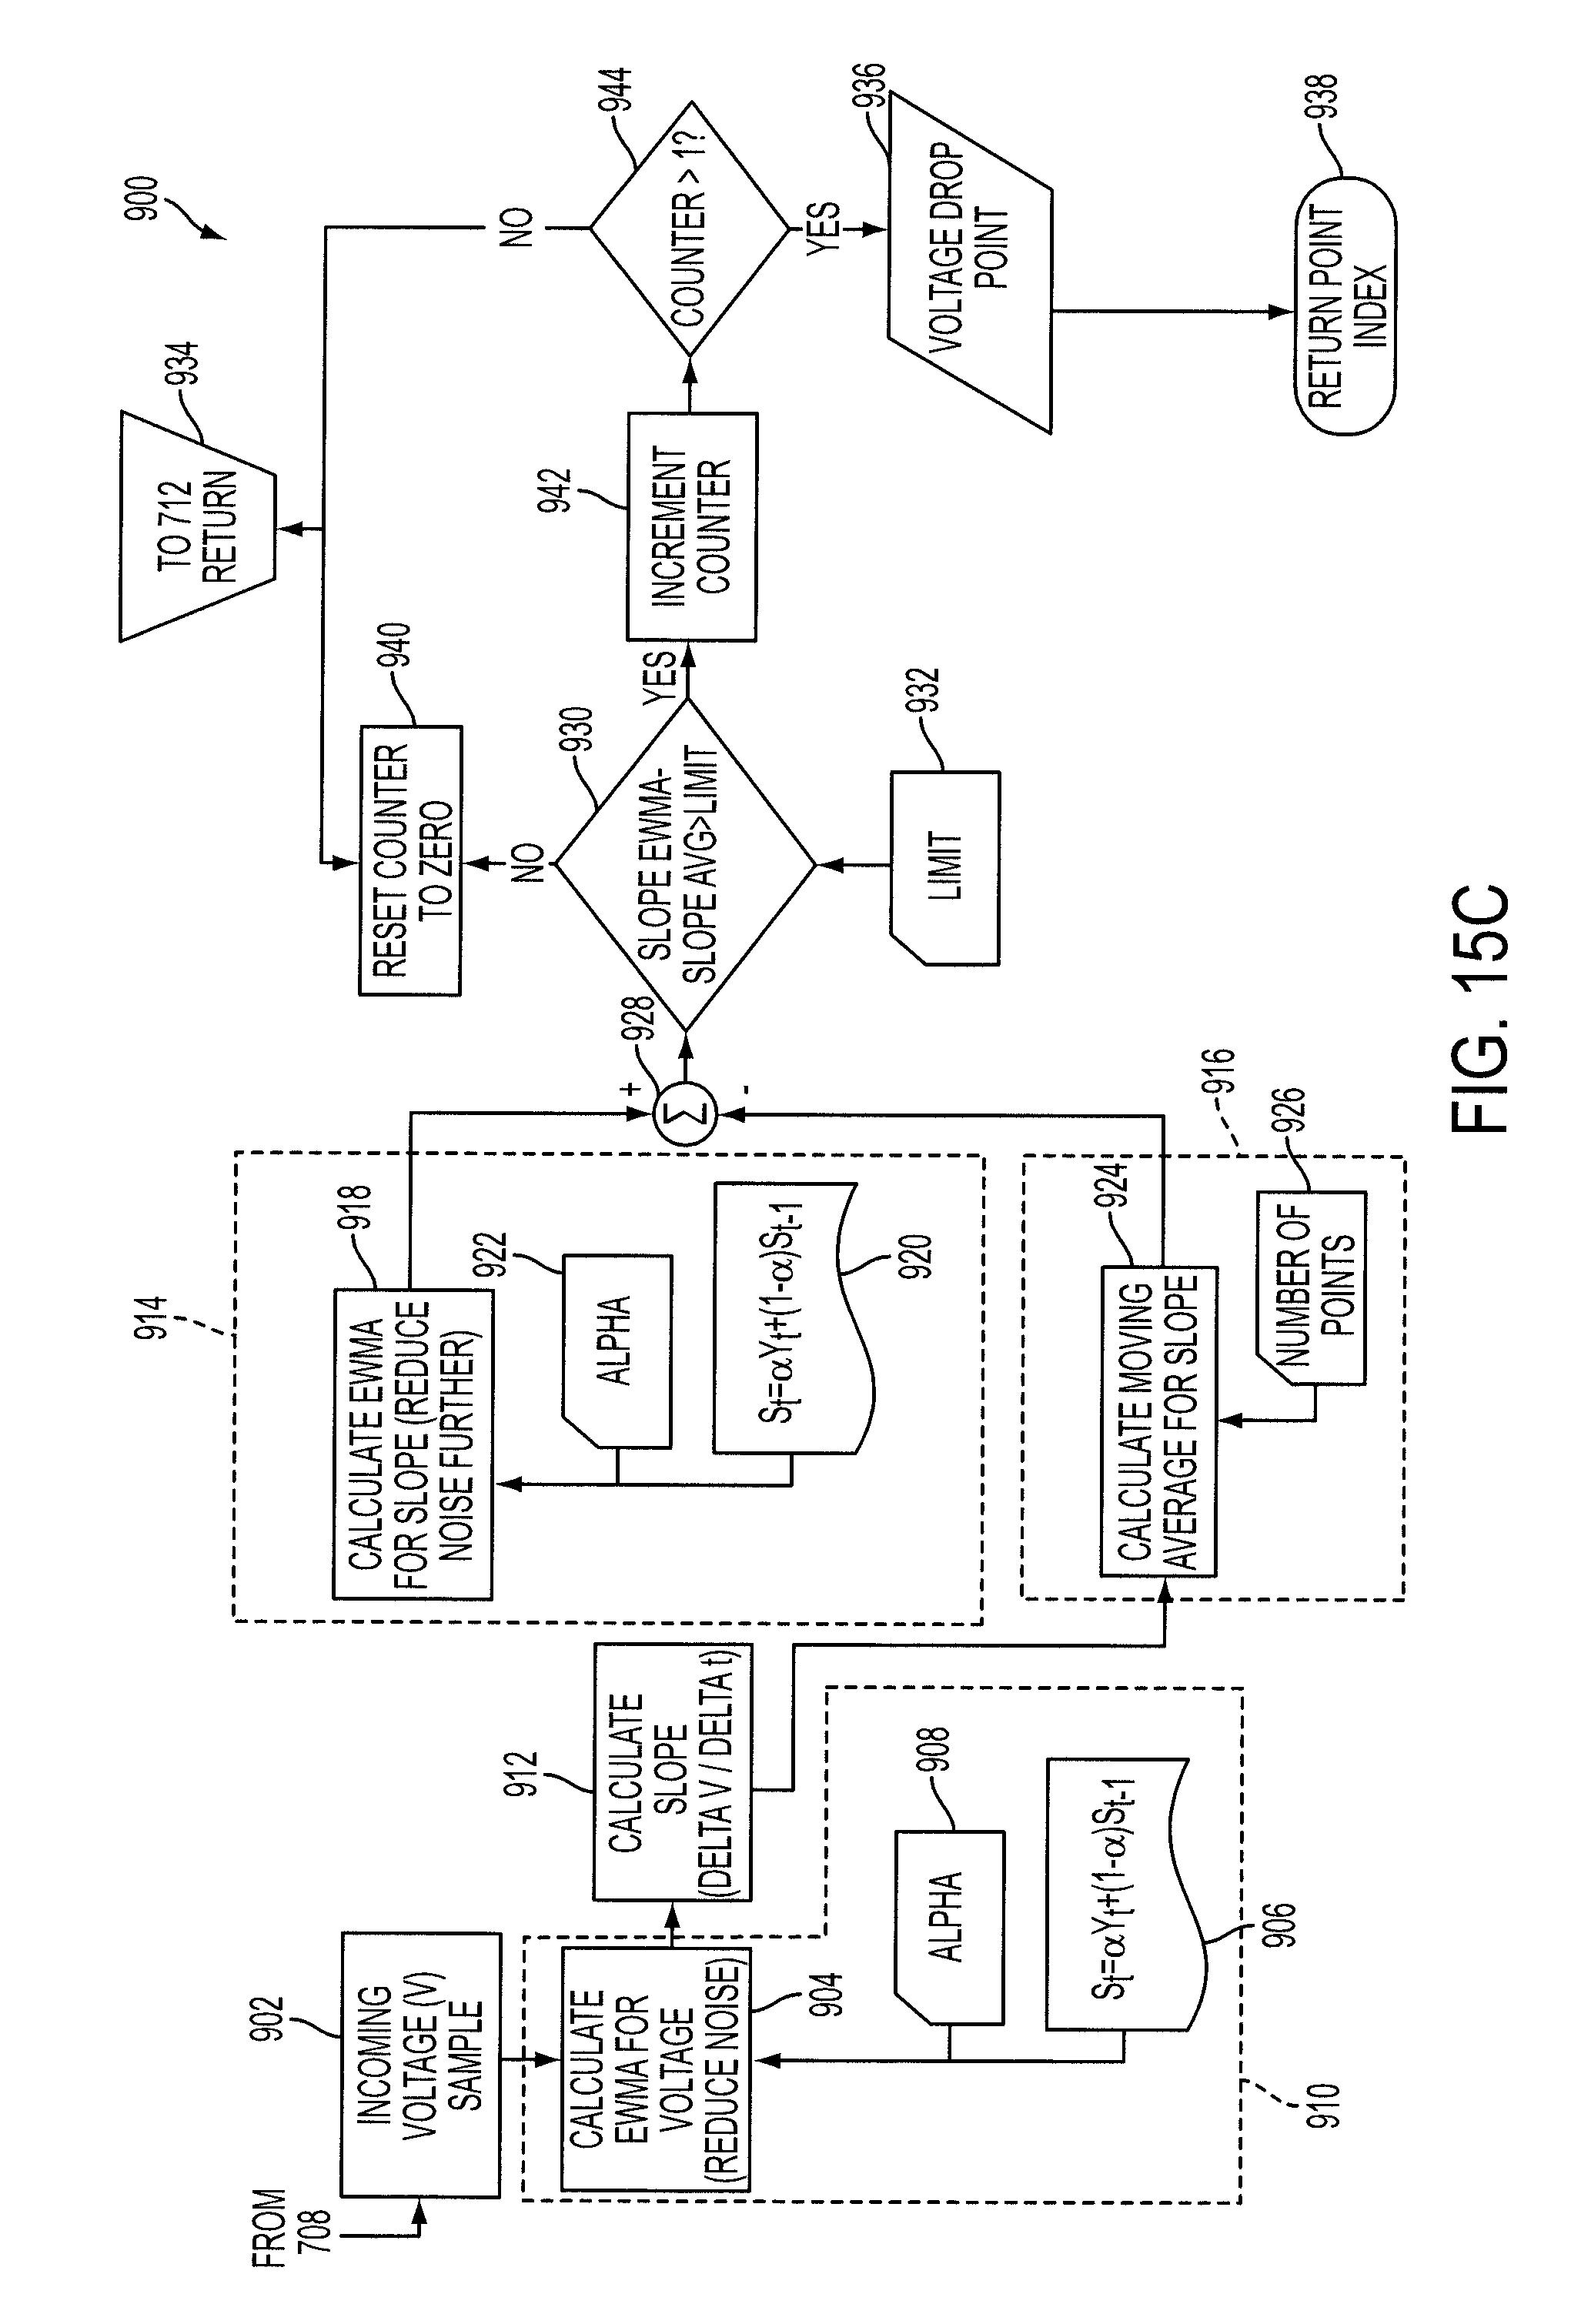 Patent US 9,226,766 B2 on trim press, stone press, stretch press,